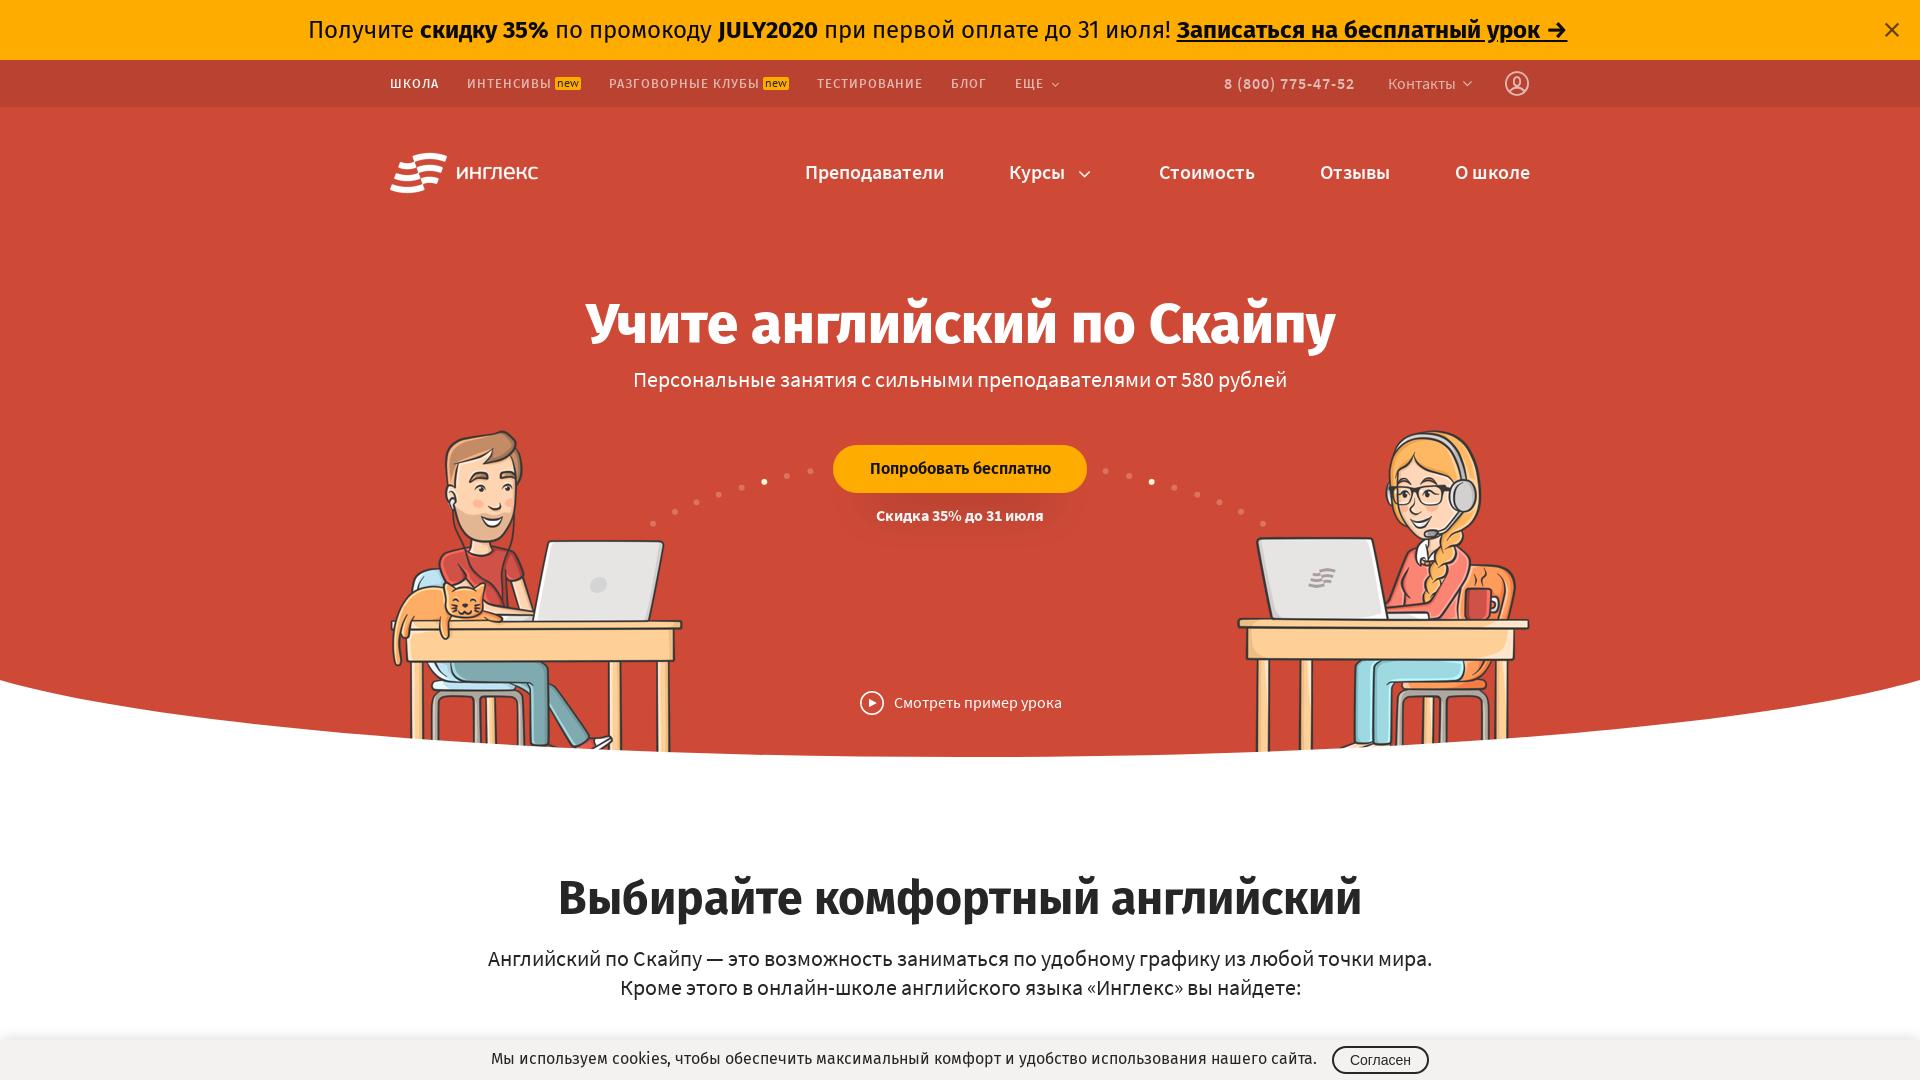 Инглекс website